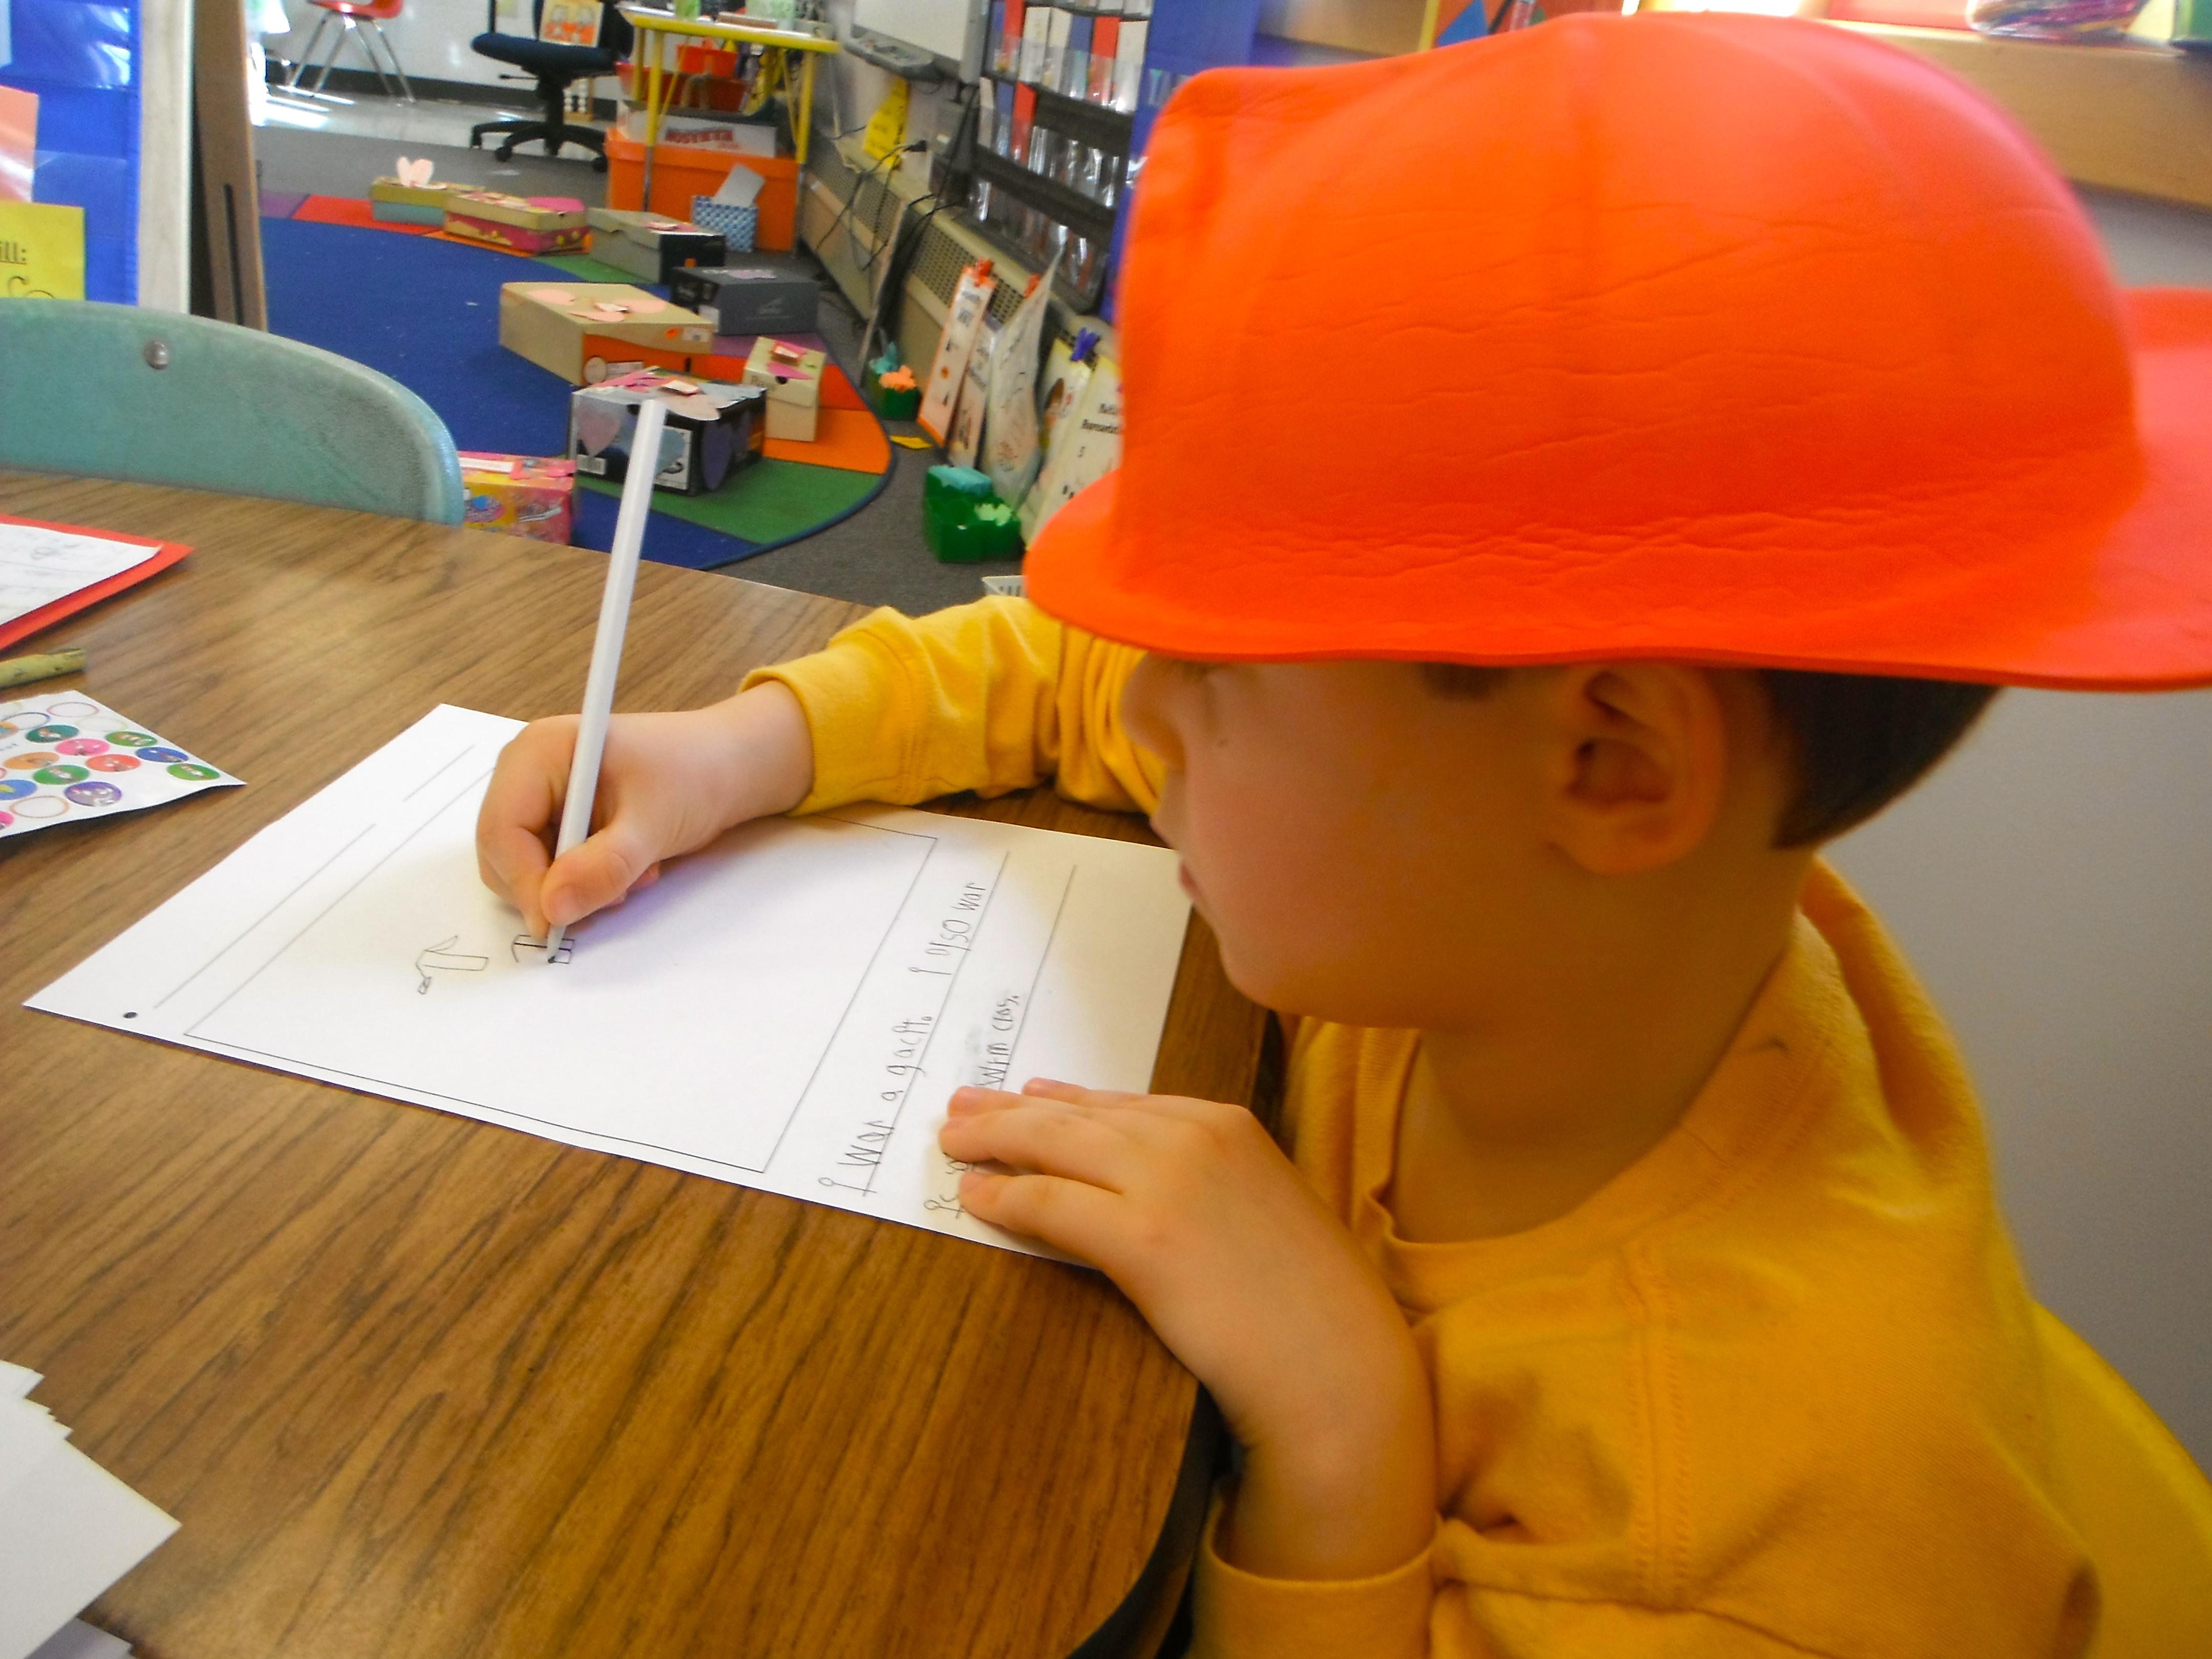 Information report template for kindergarten   bing